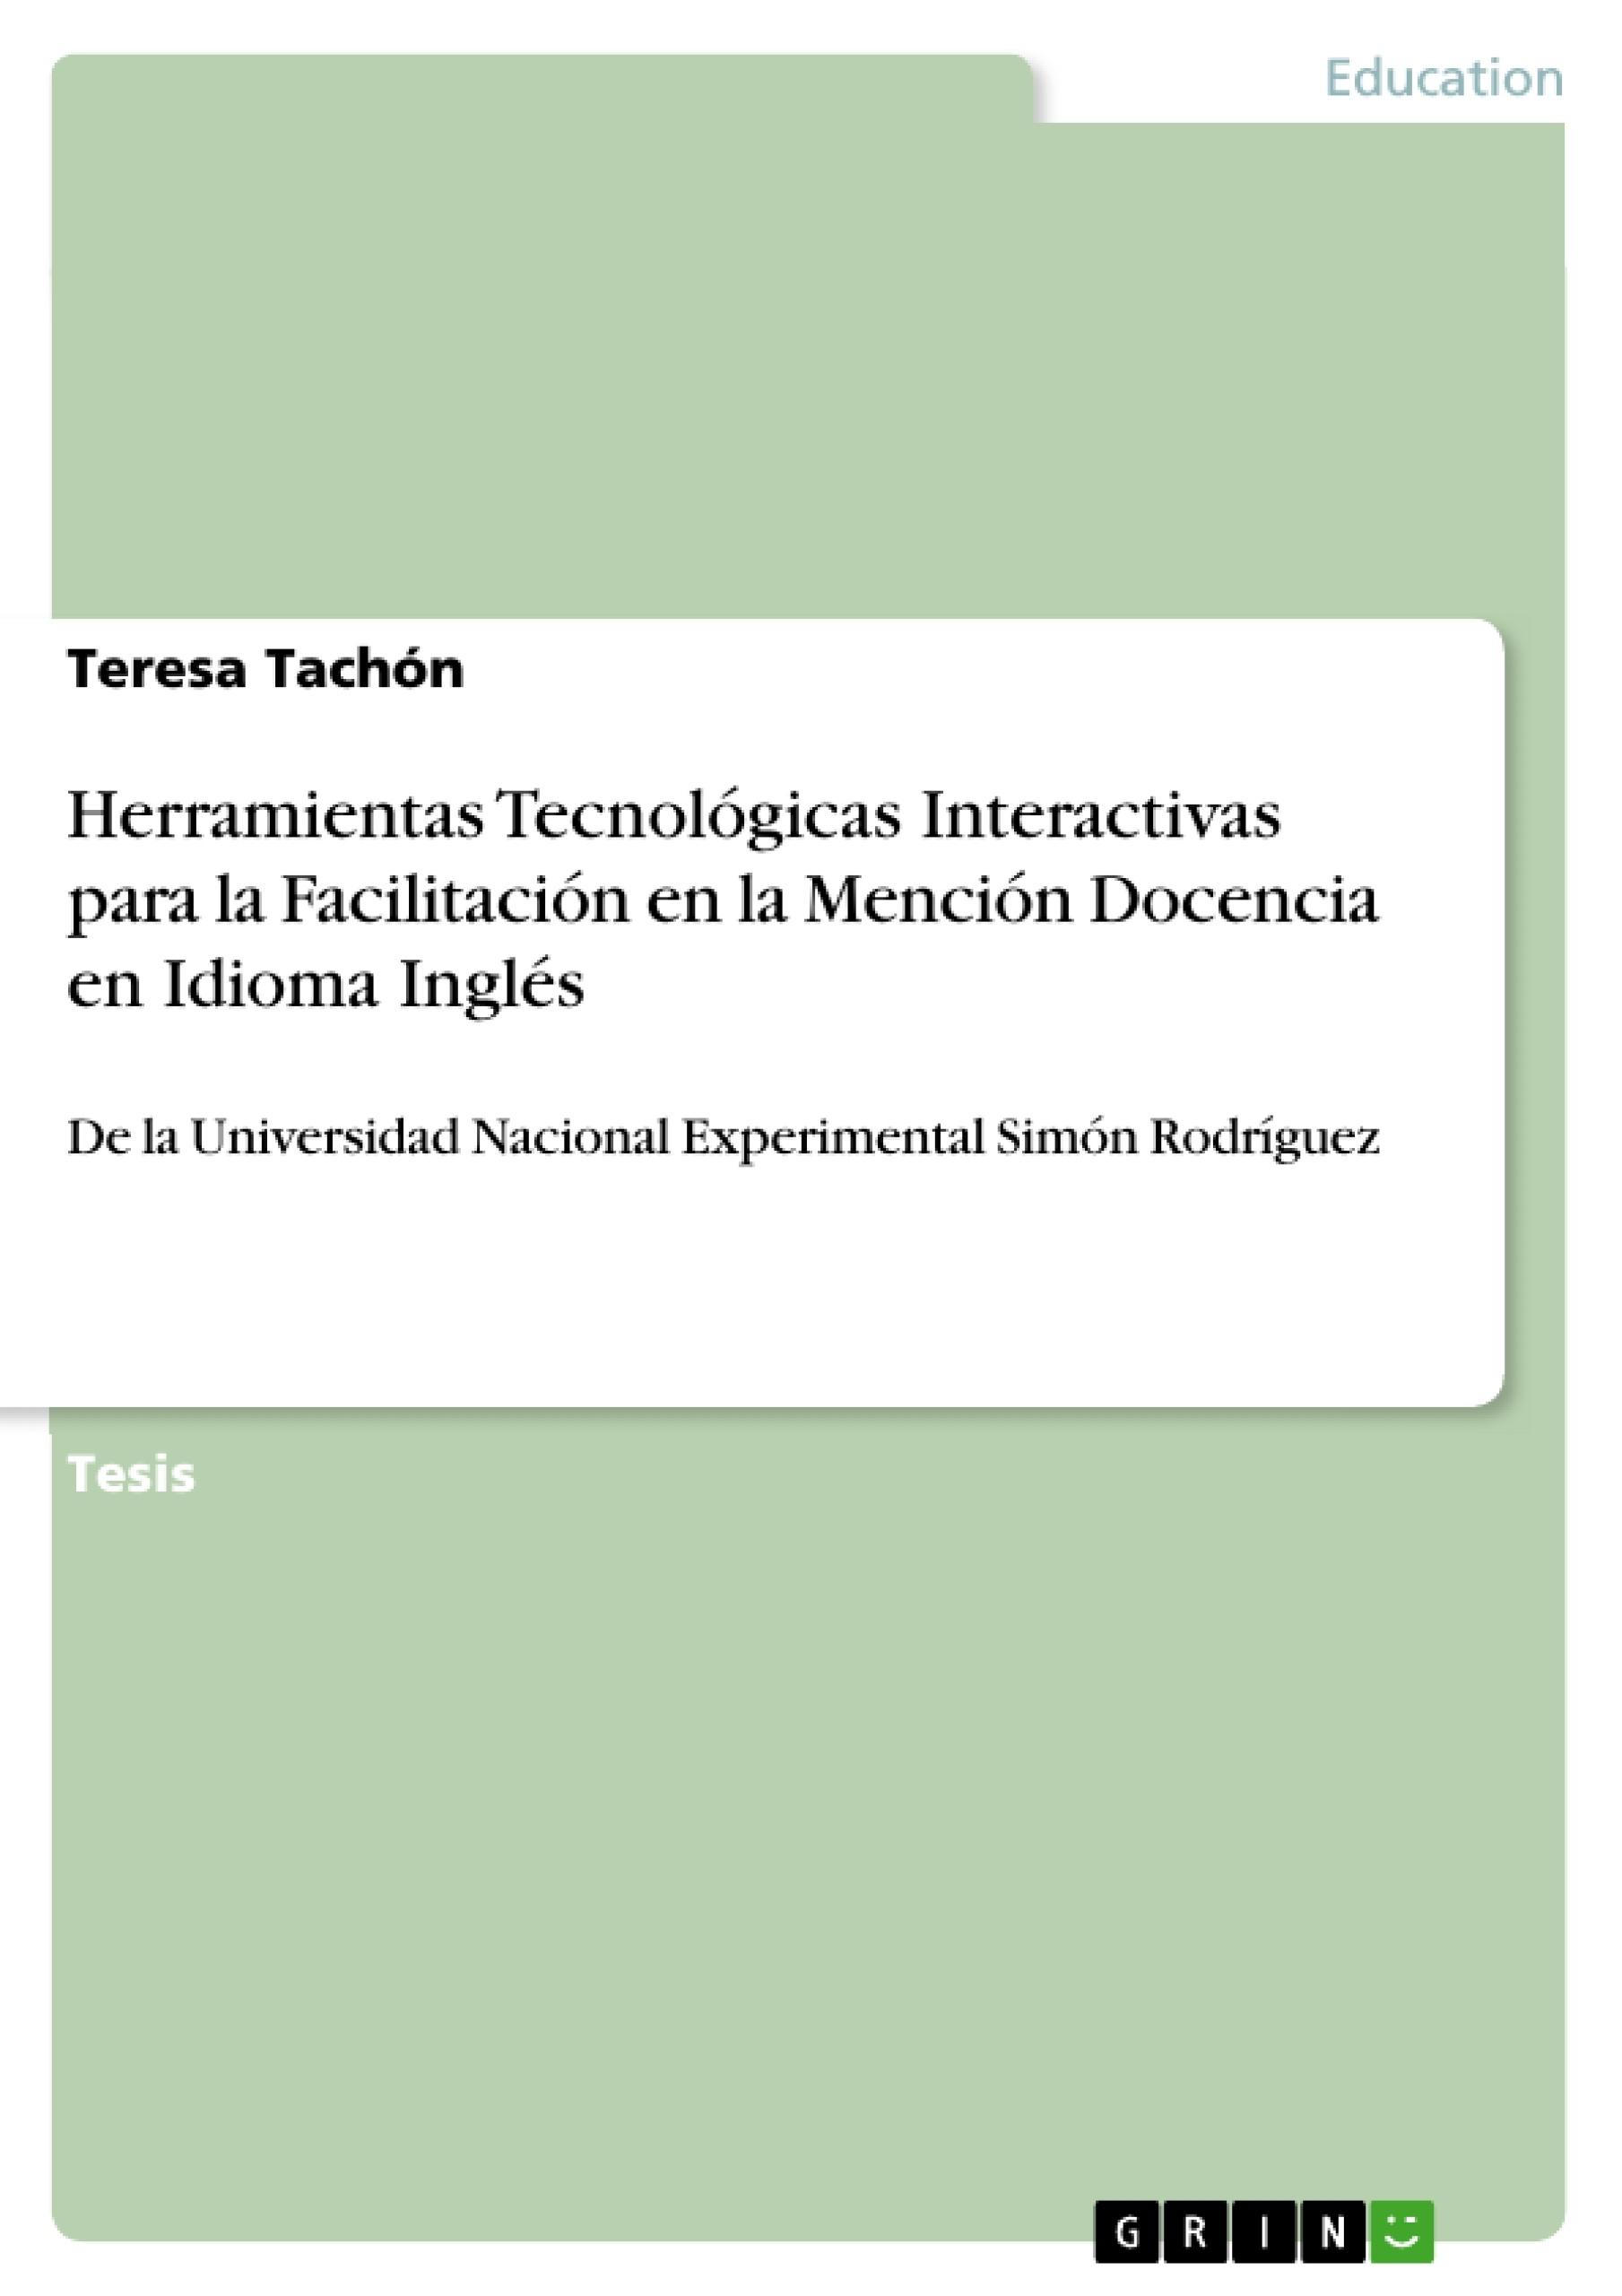 Título: Herramientas Tecnológicas Interactivas para la Facilitación en la Mención Docencia en Idioma Inglés